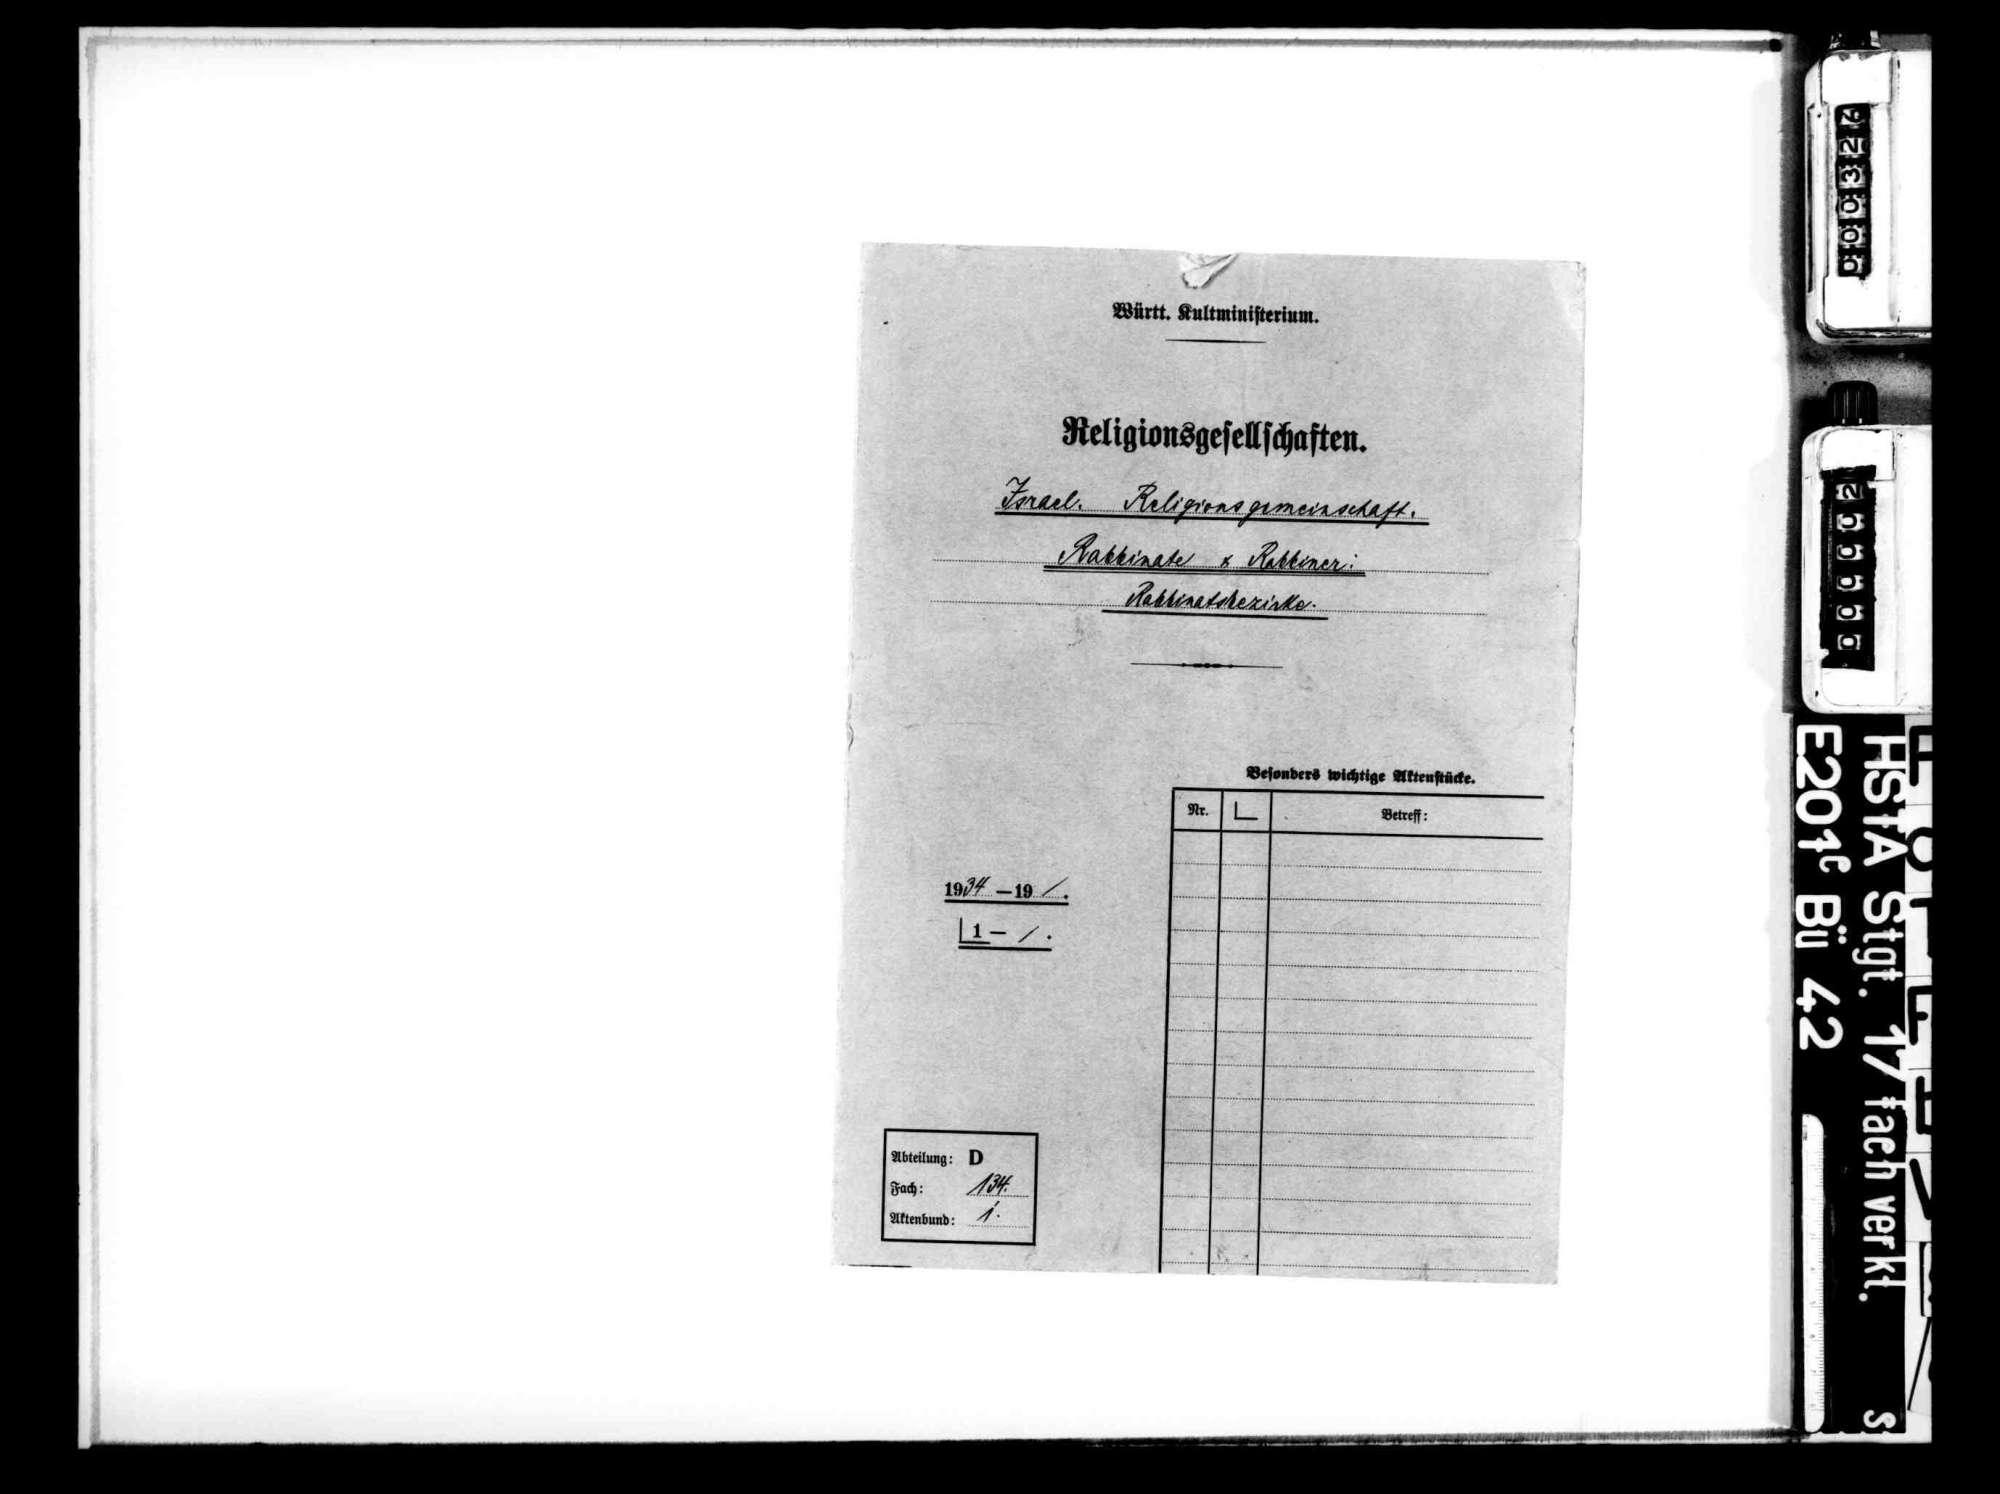 Rabbiner und Rabbinate: Stellenbesetzung und Fortbildung der Rabbiner, Übersicht über die Rabbinatsbezirke, Bild 1